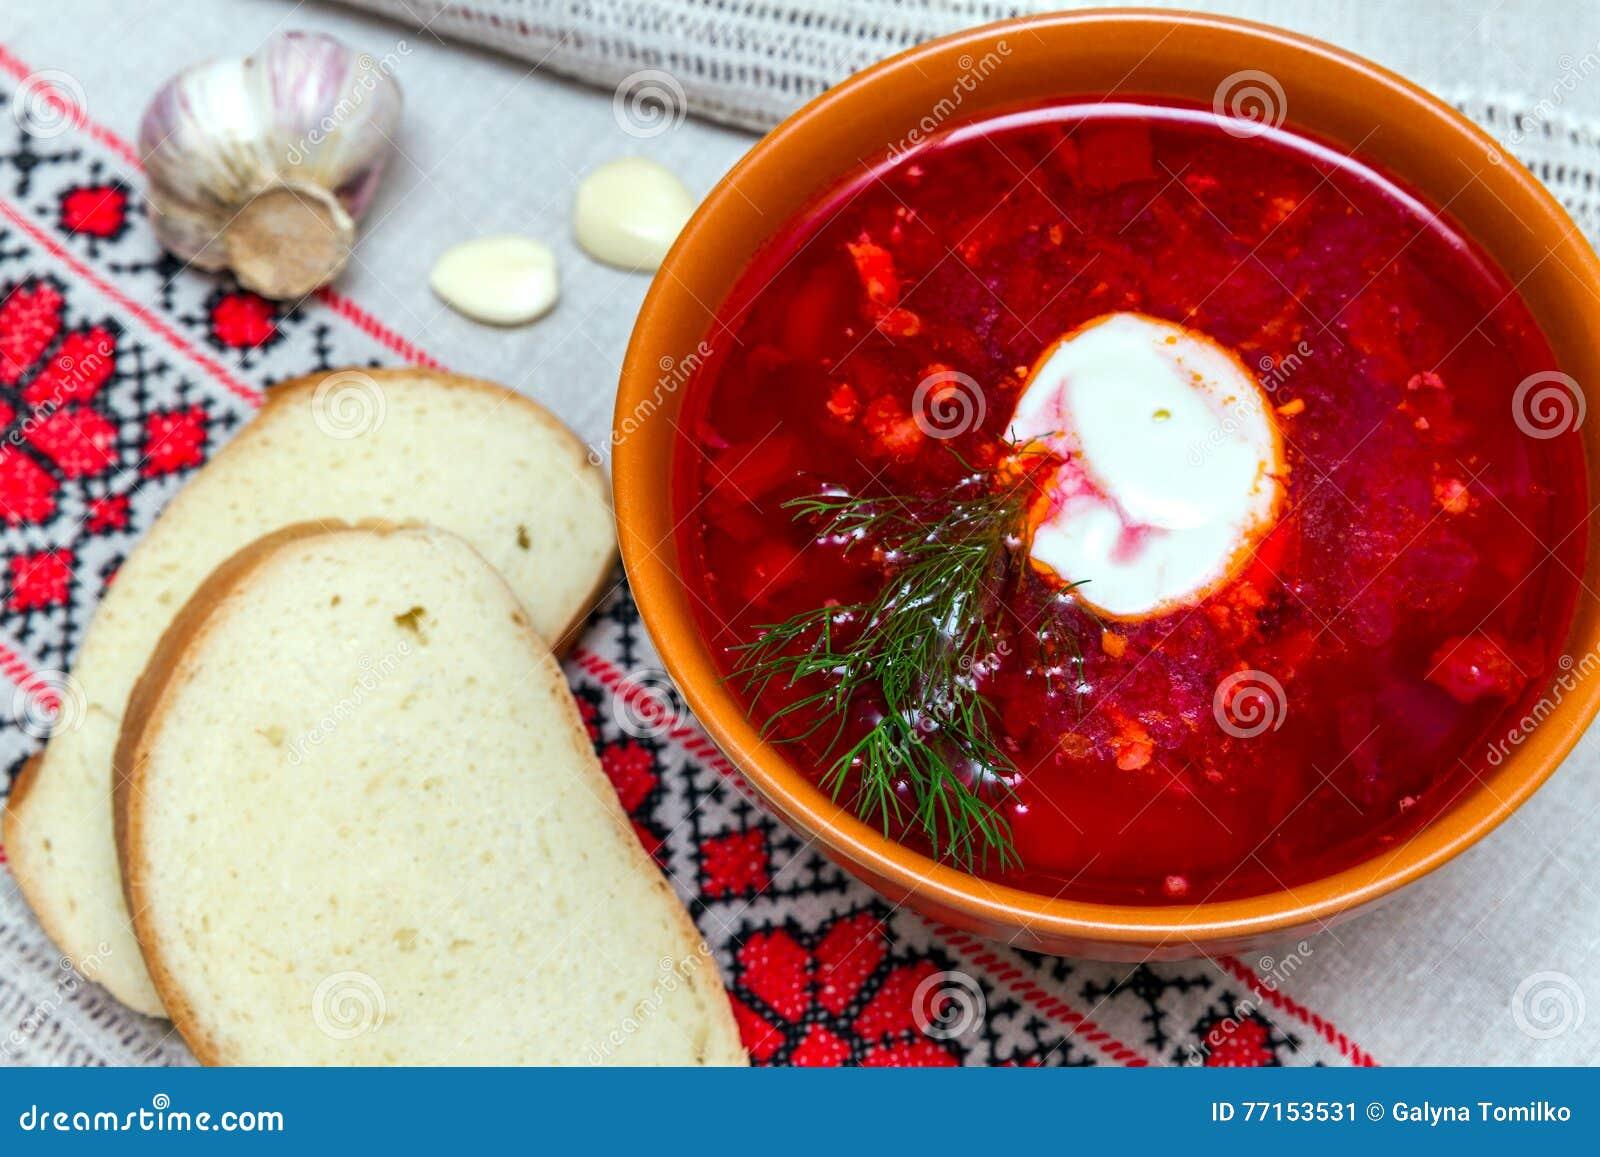 Cuisine traditionnelle : borscht rouge